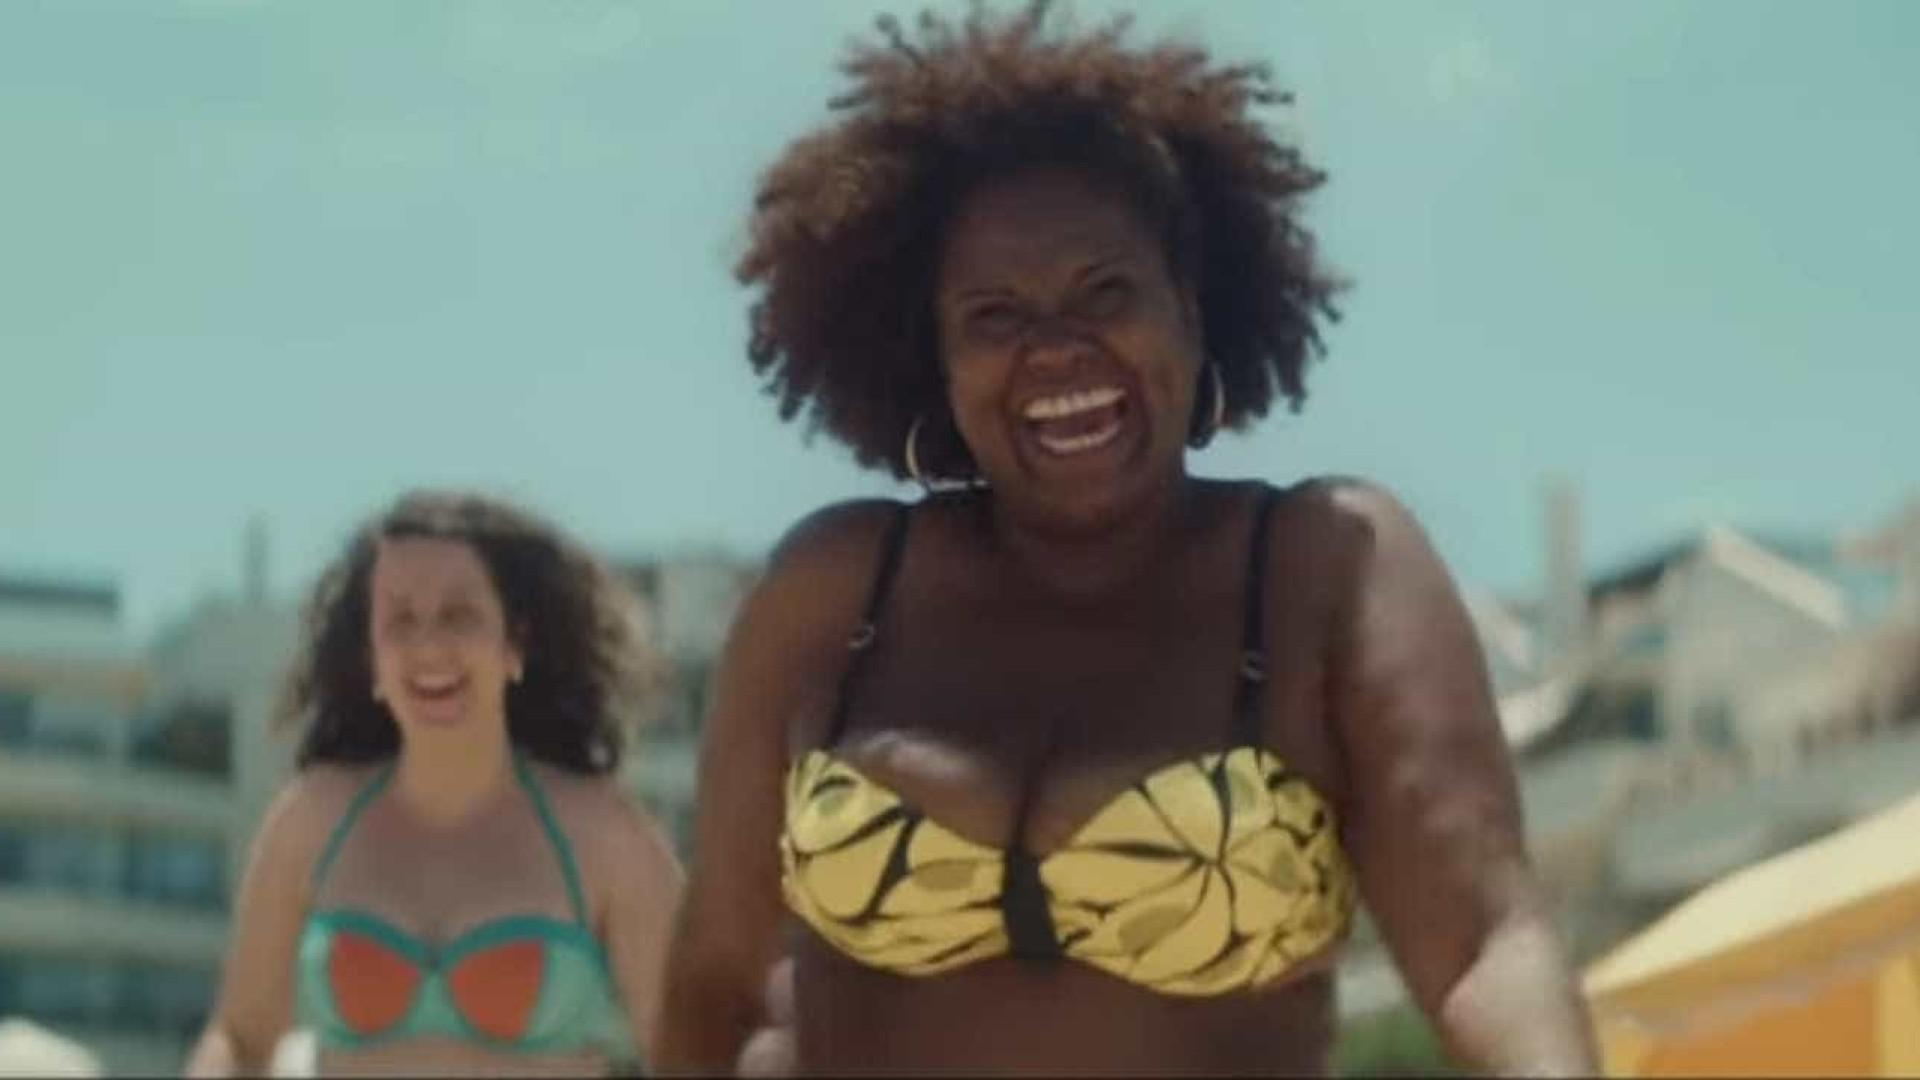 Skol promove quebra de estereótipos em novo anúncio; confira